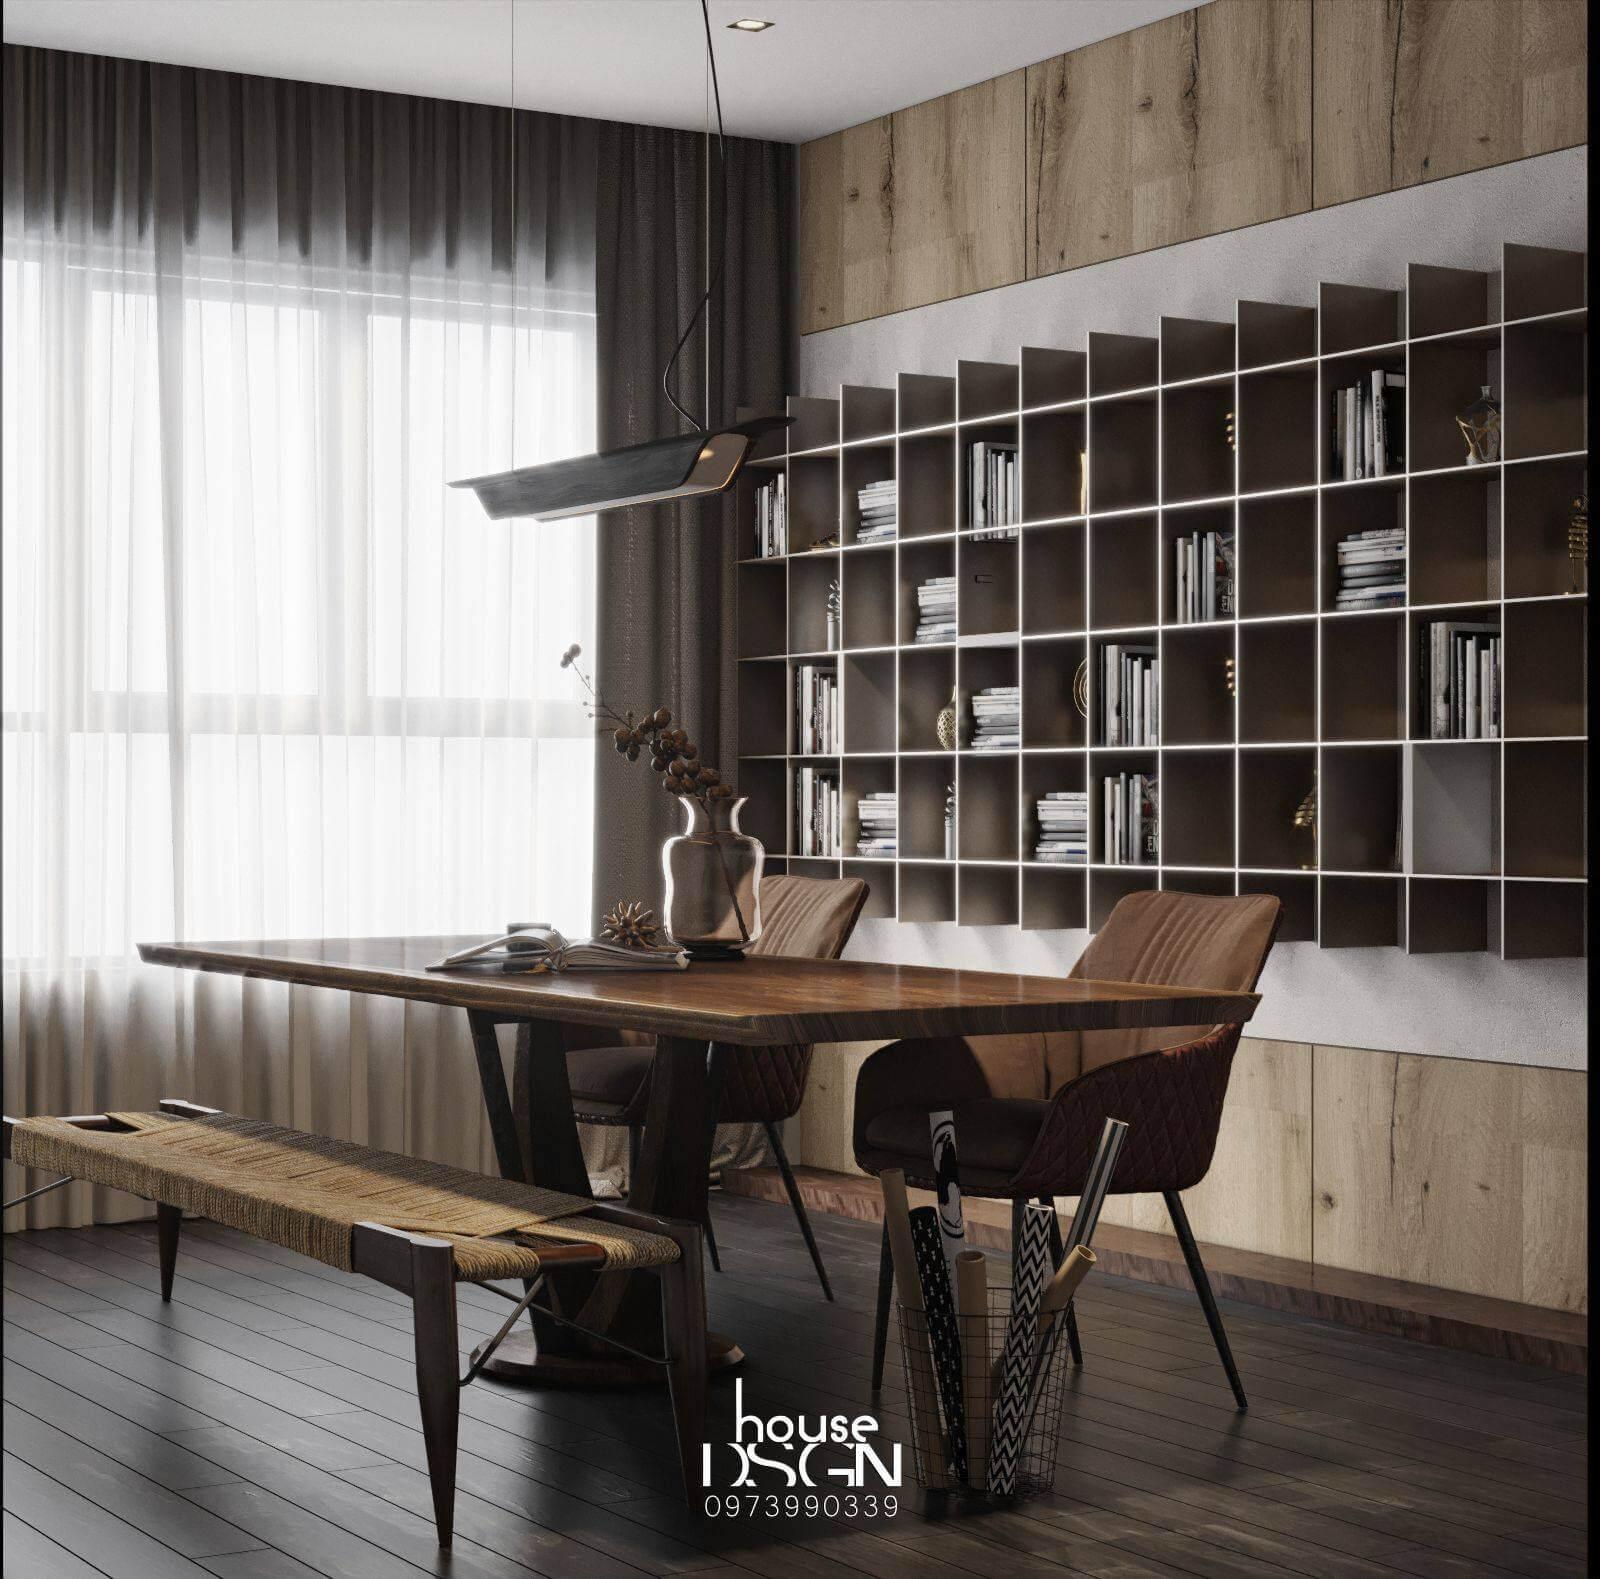 thiết kế phong cách nội thất rustic